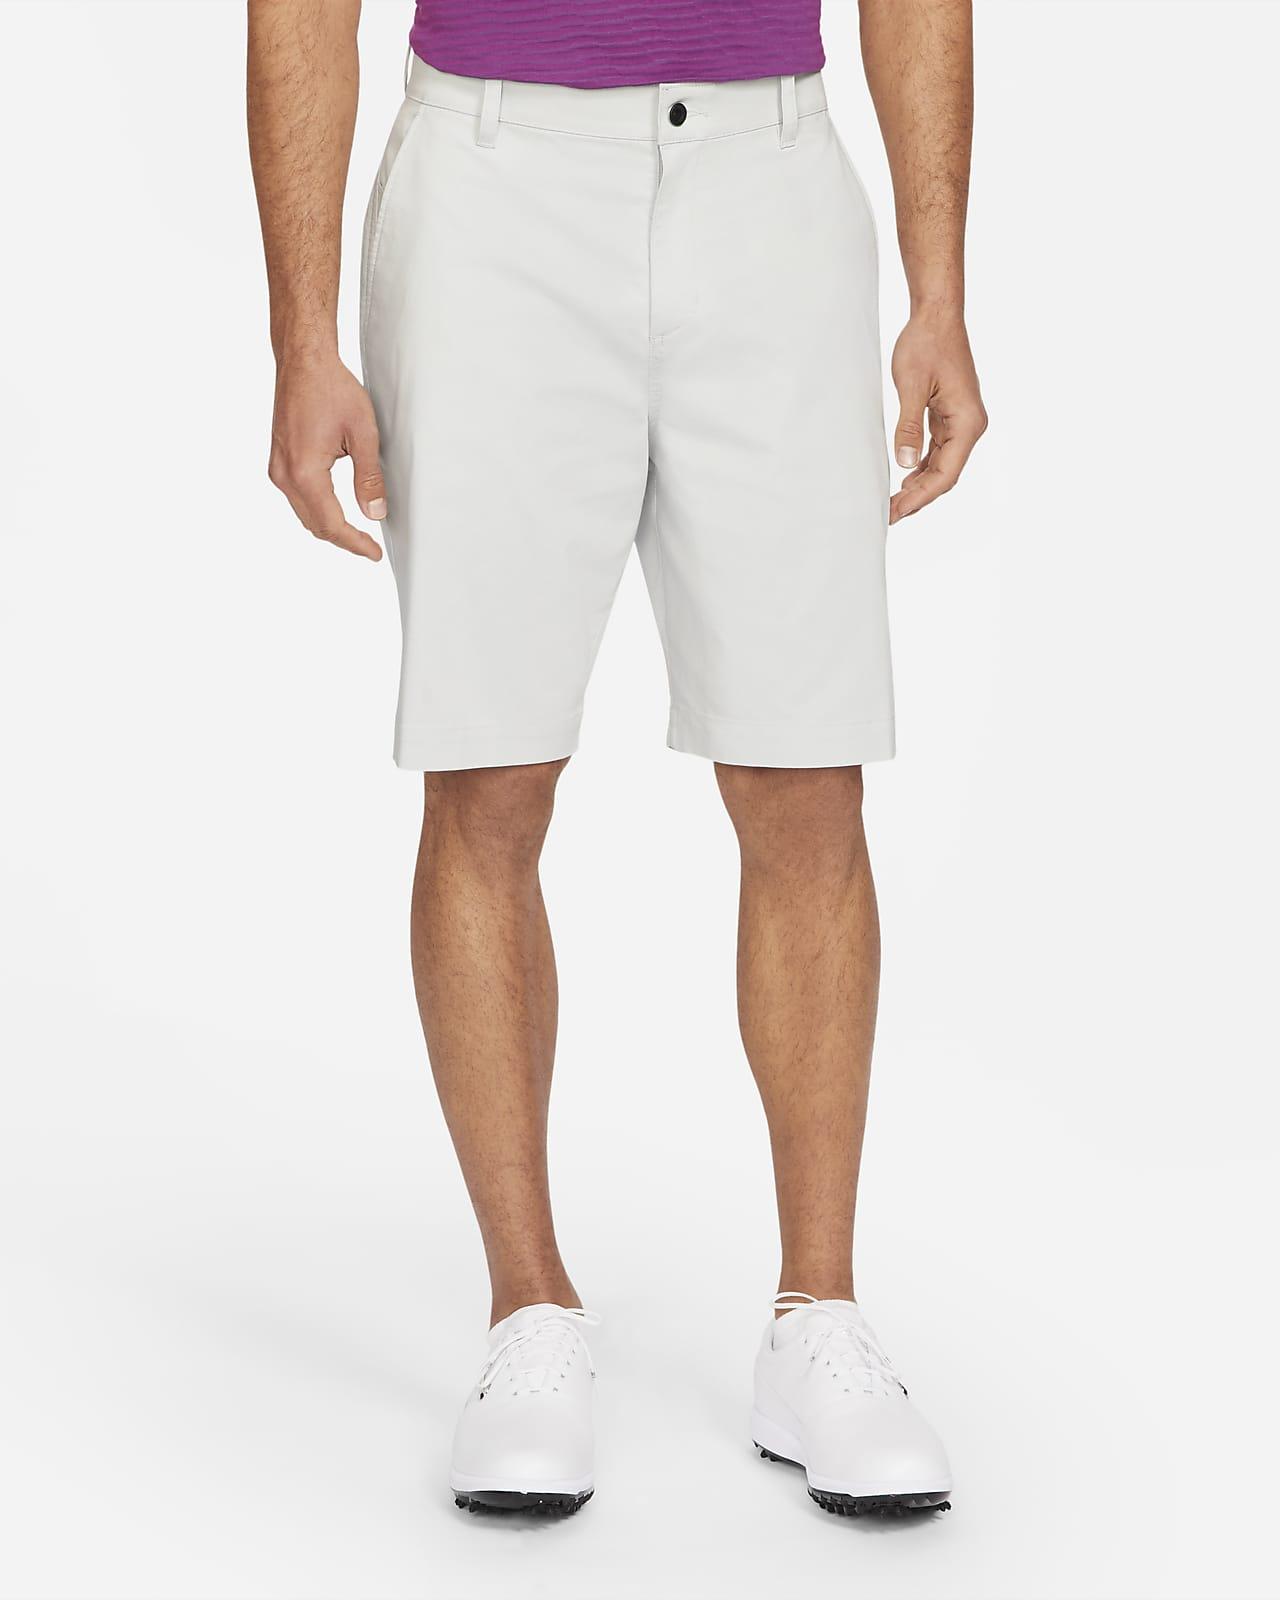 Shorts chinos de golf de 27 cm para hombre Nike Dri-FIT UV